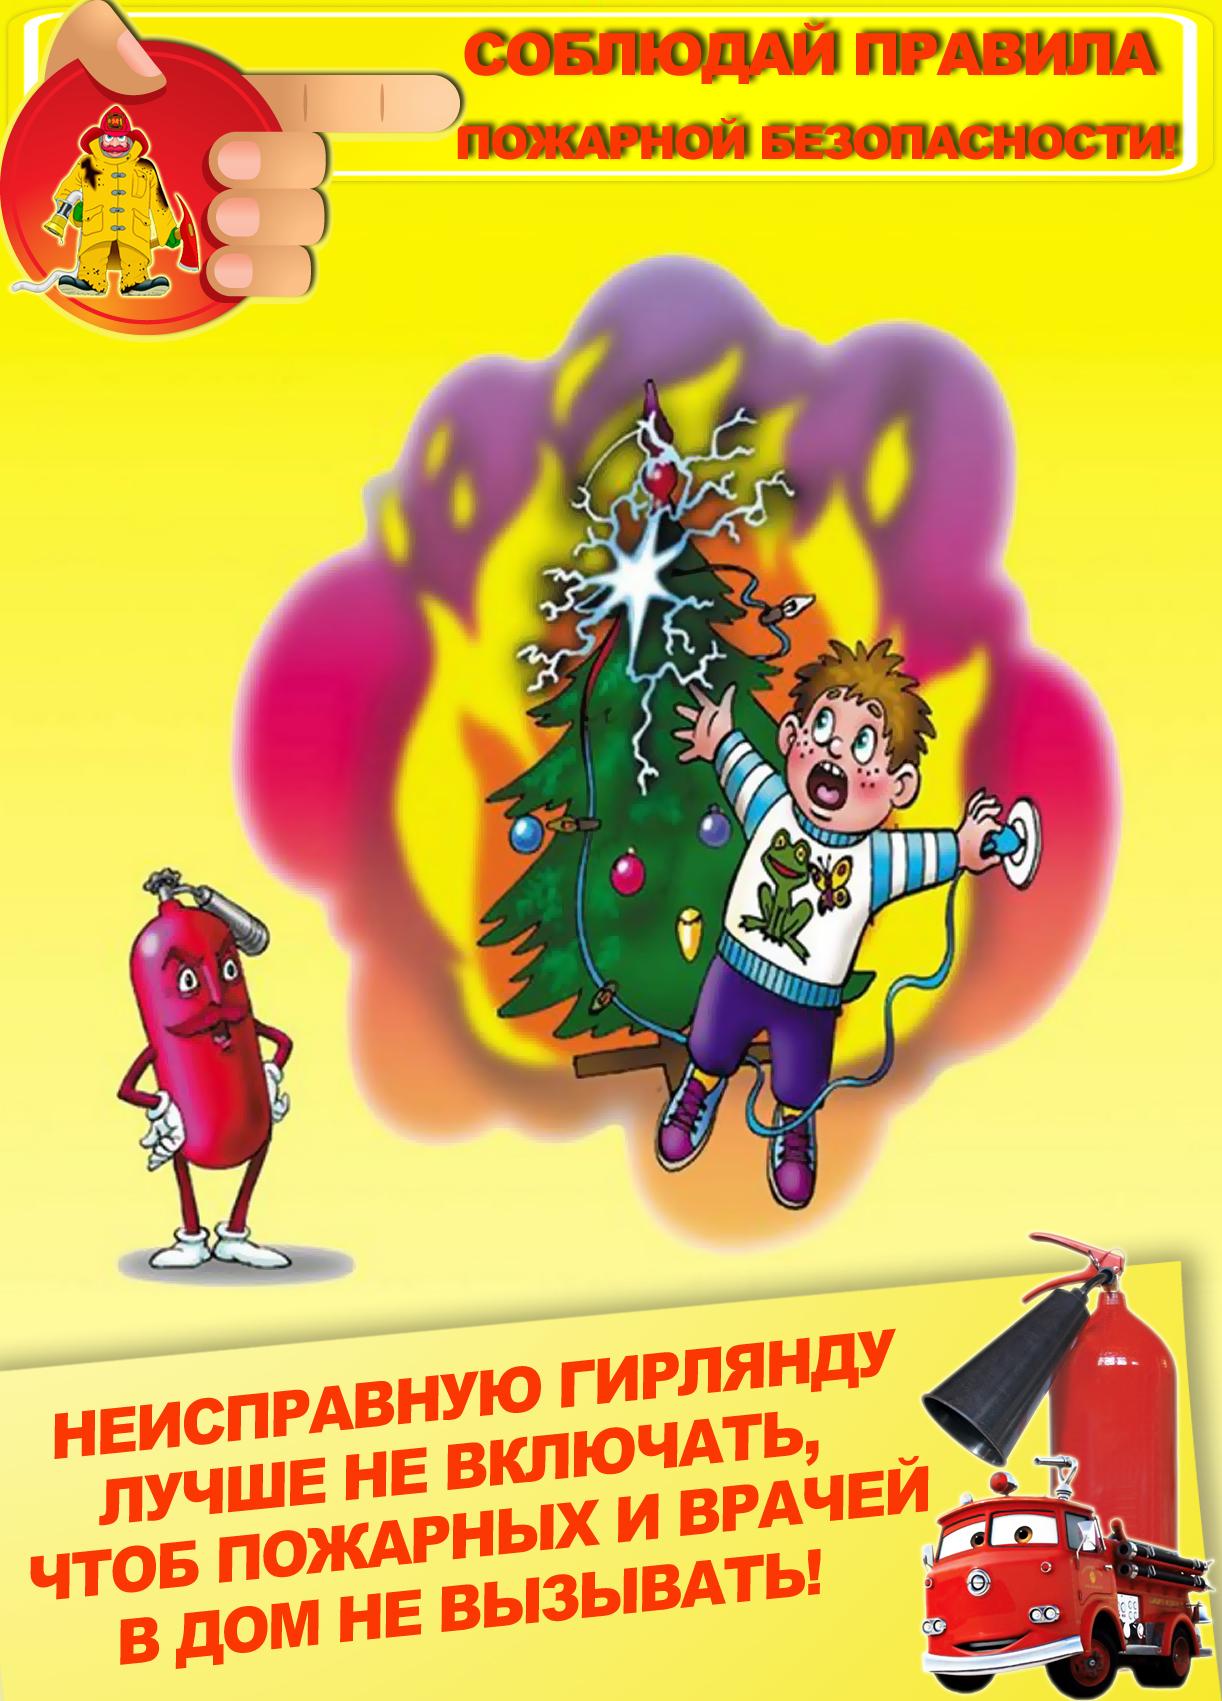 Правила пожарной безопасности при наряжании ёлки